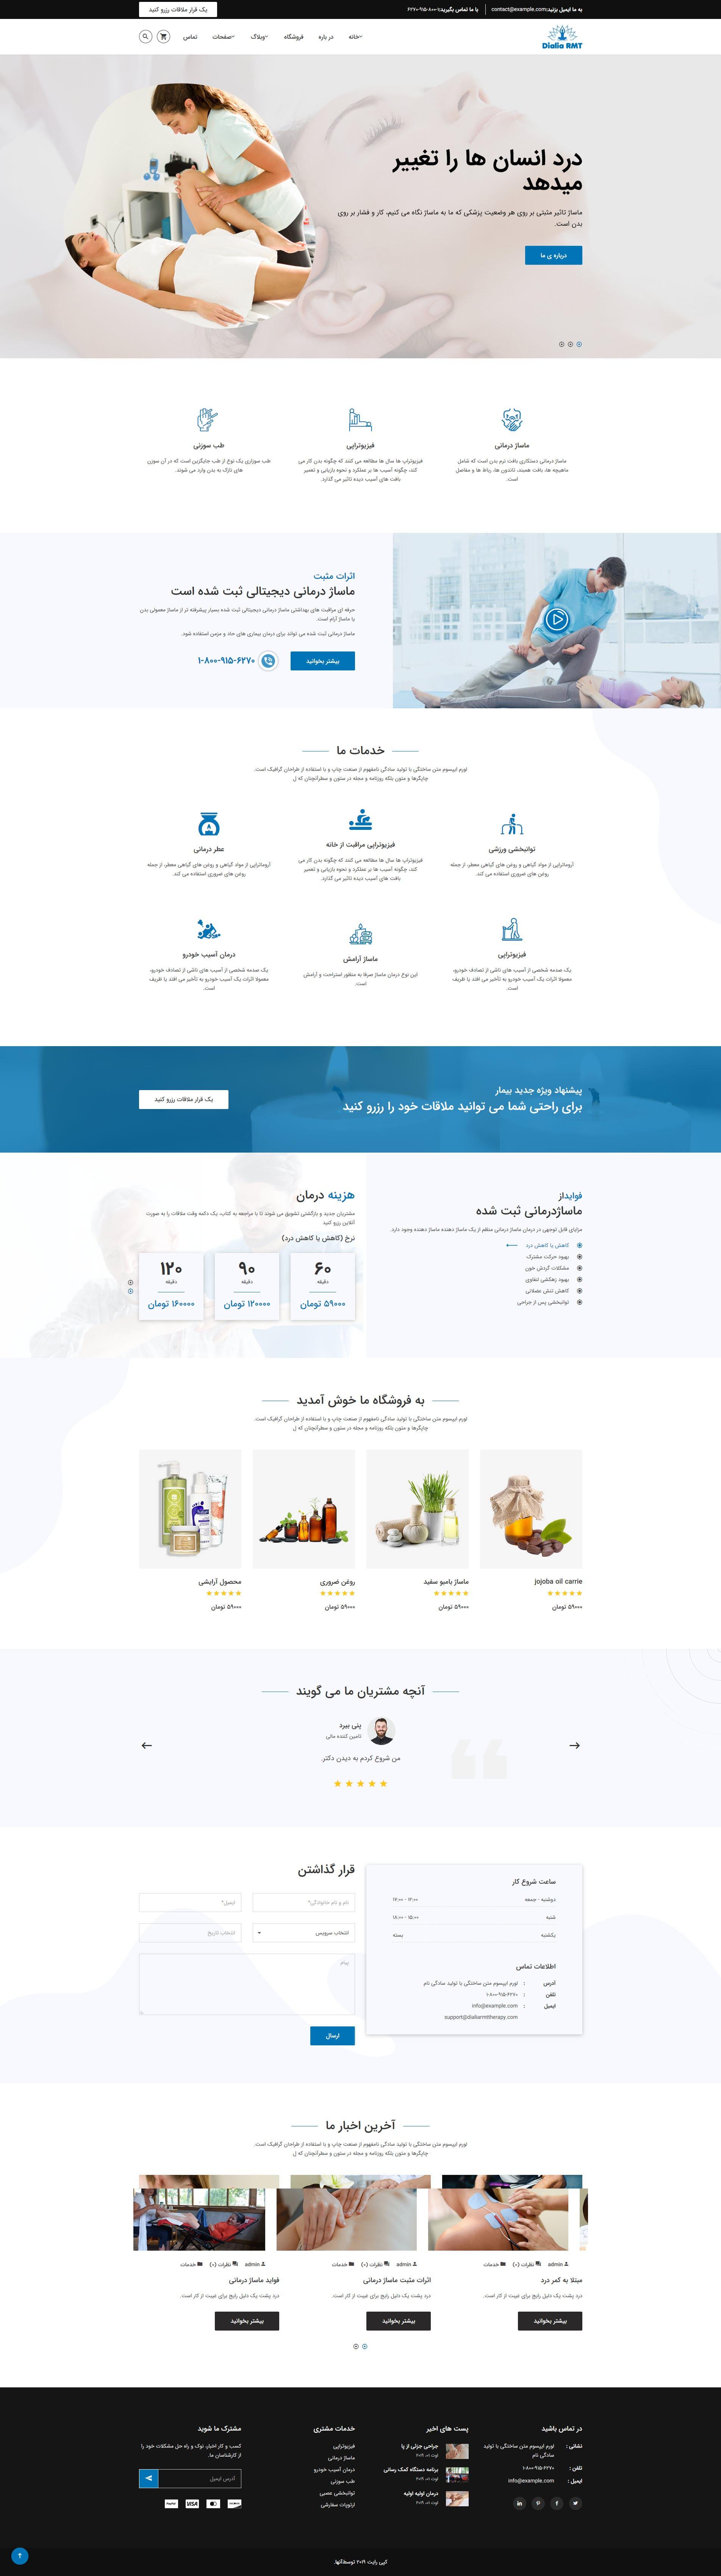 قالب HTML پزشکی Dialia بیش از 4 صفحه اصلی متفاوت